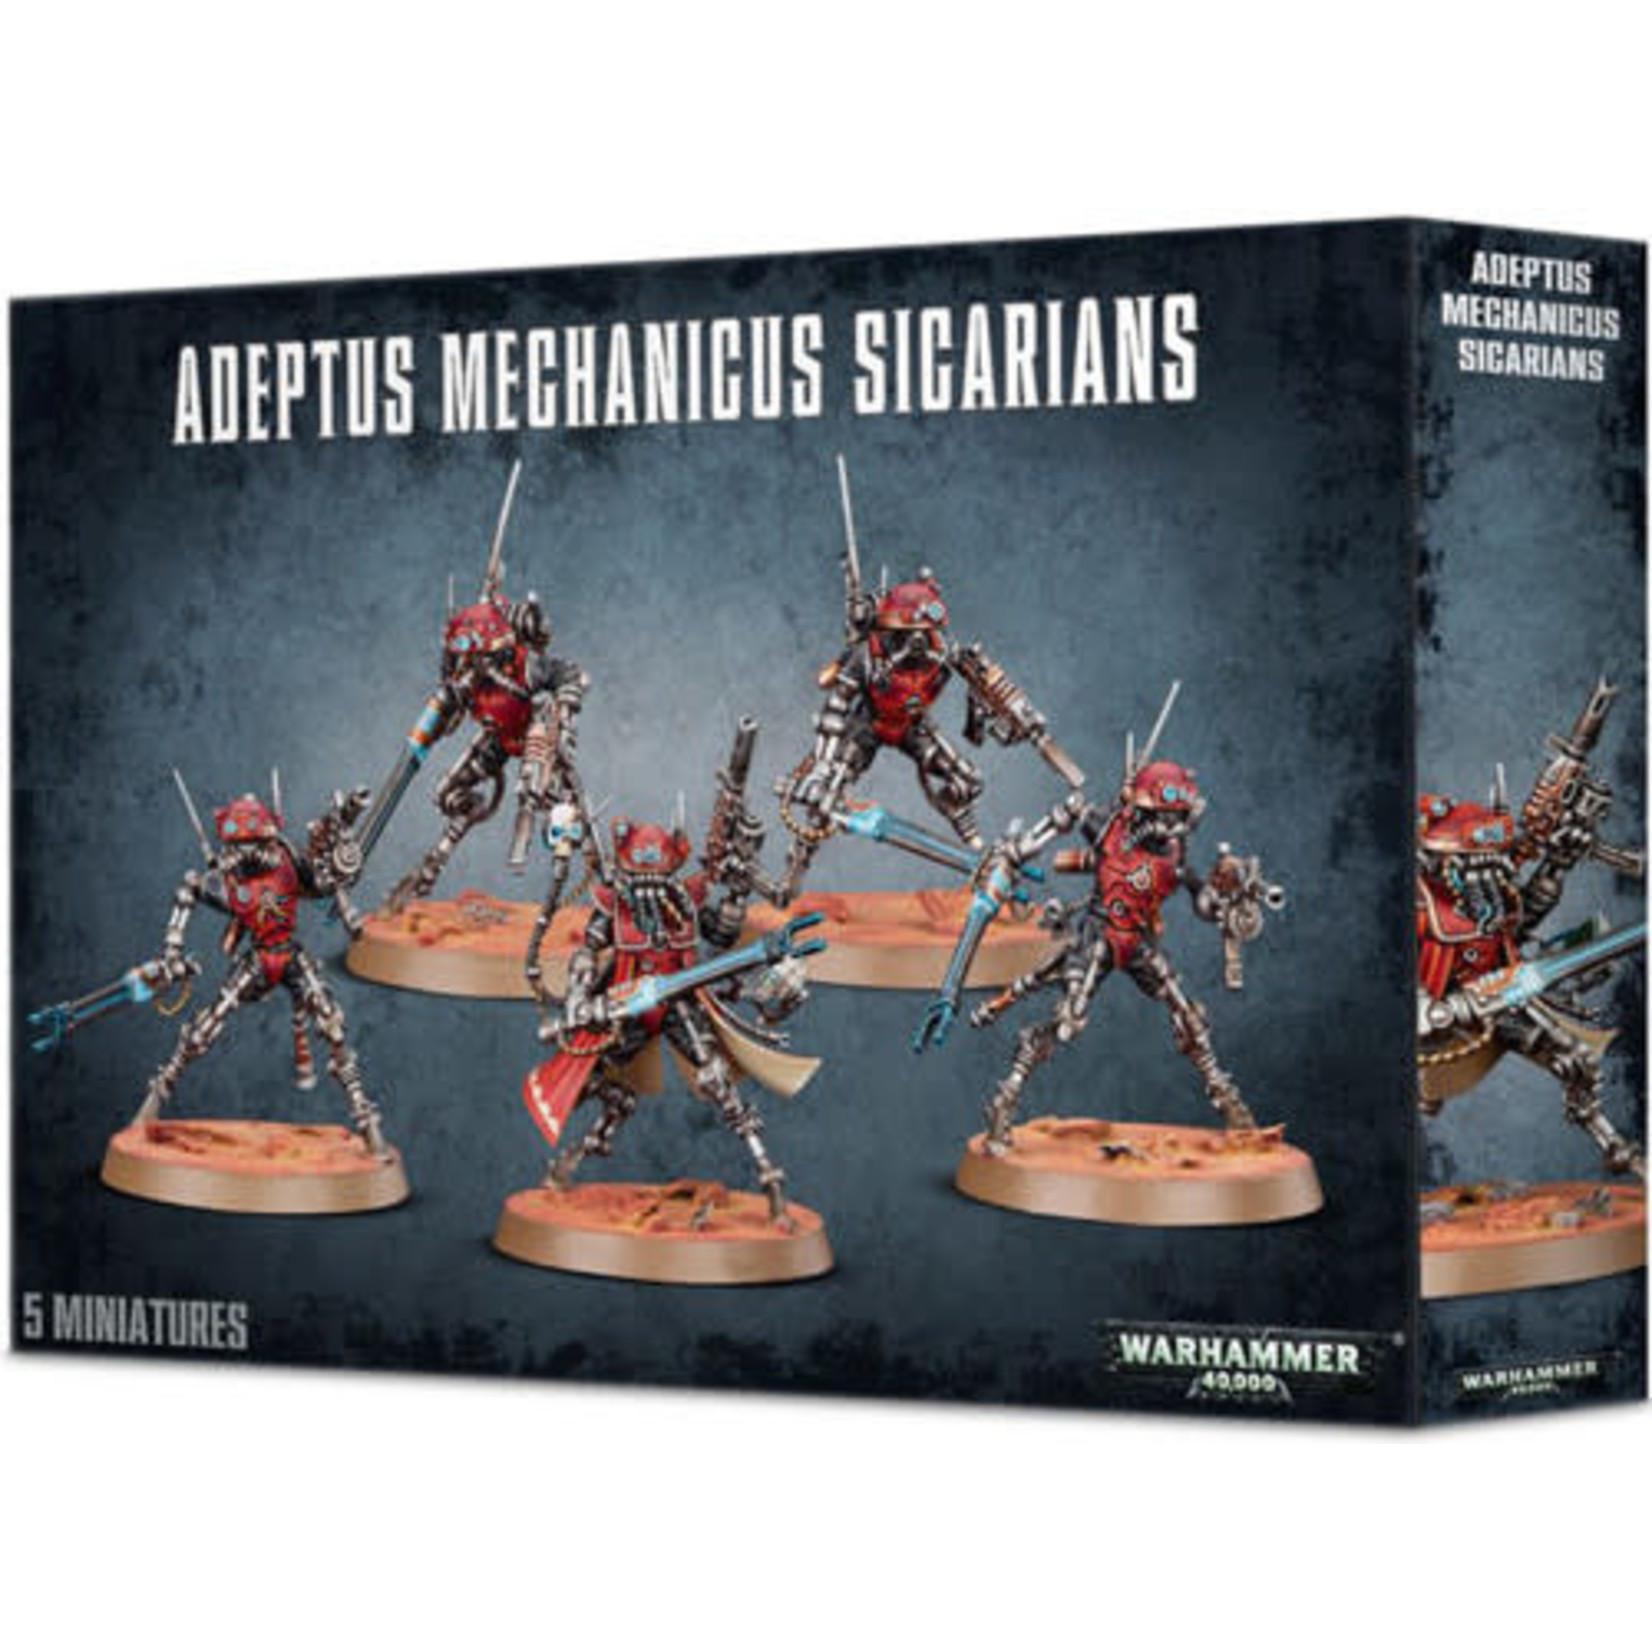 Games Workshop Adeptus Mechanicus Sicarians (40K)